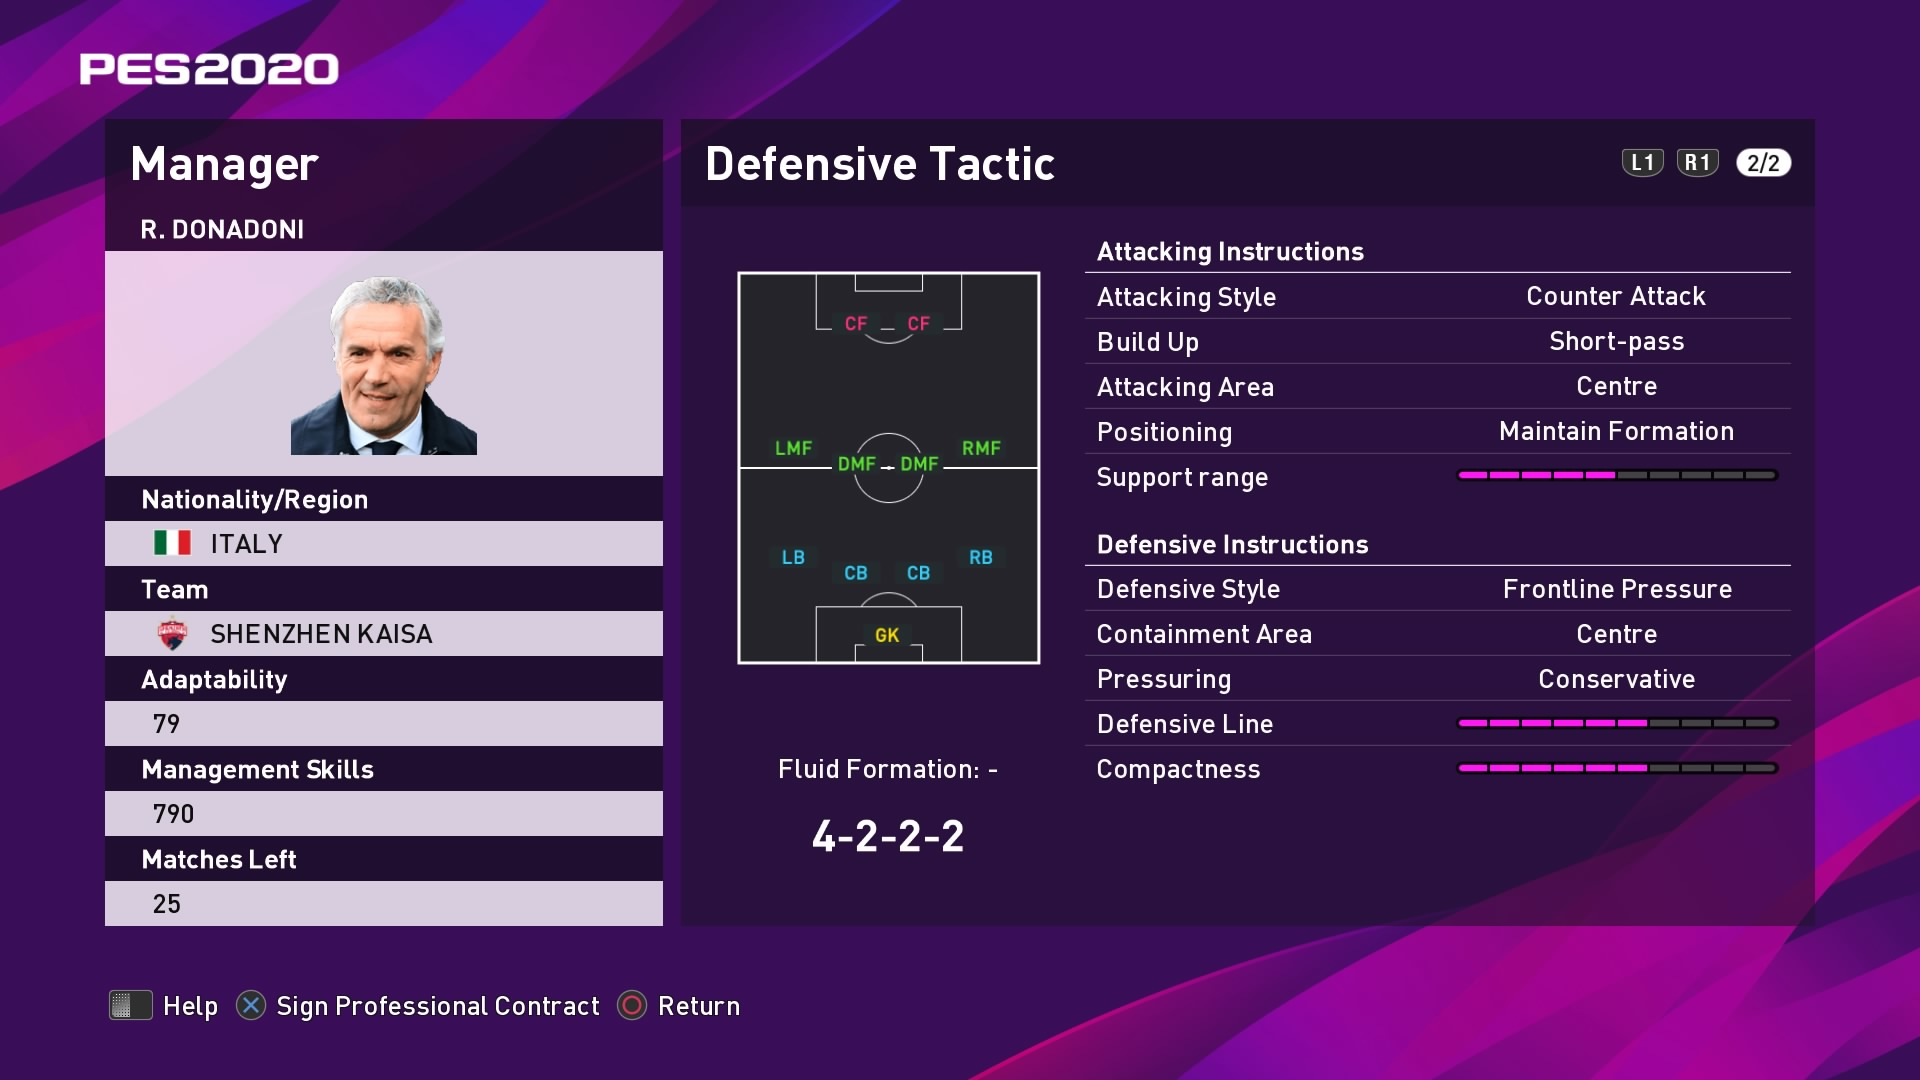 R. Donadoni (Roberto Donadoni) Defensive Tactic in PES 2020 myClub